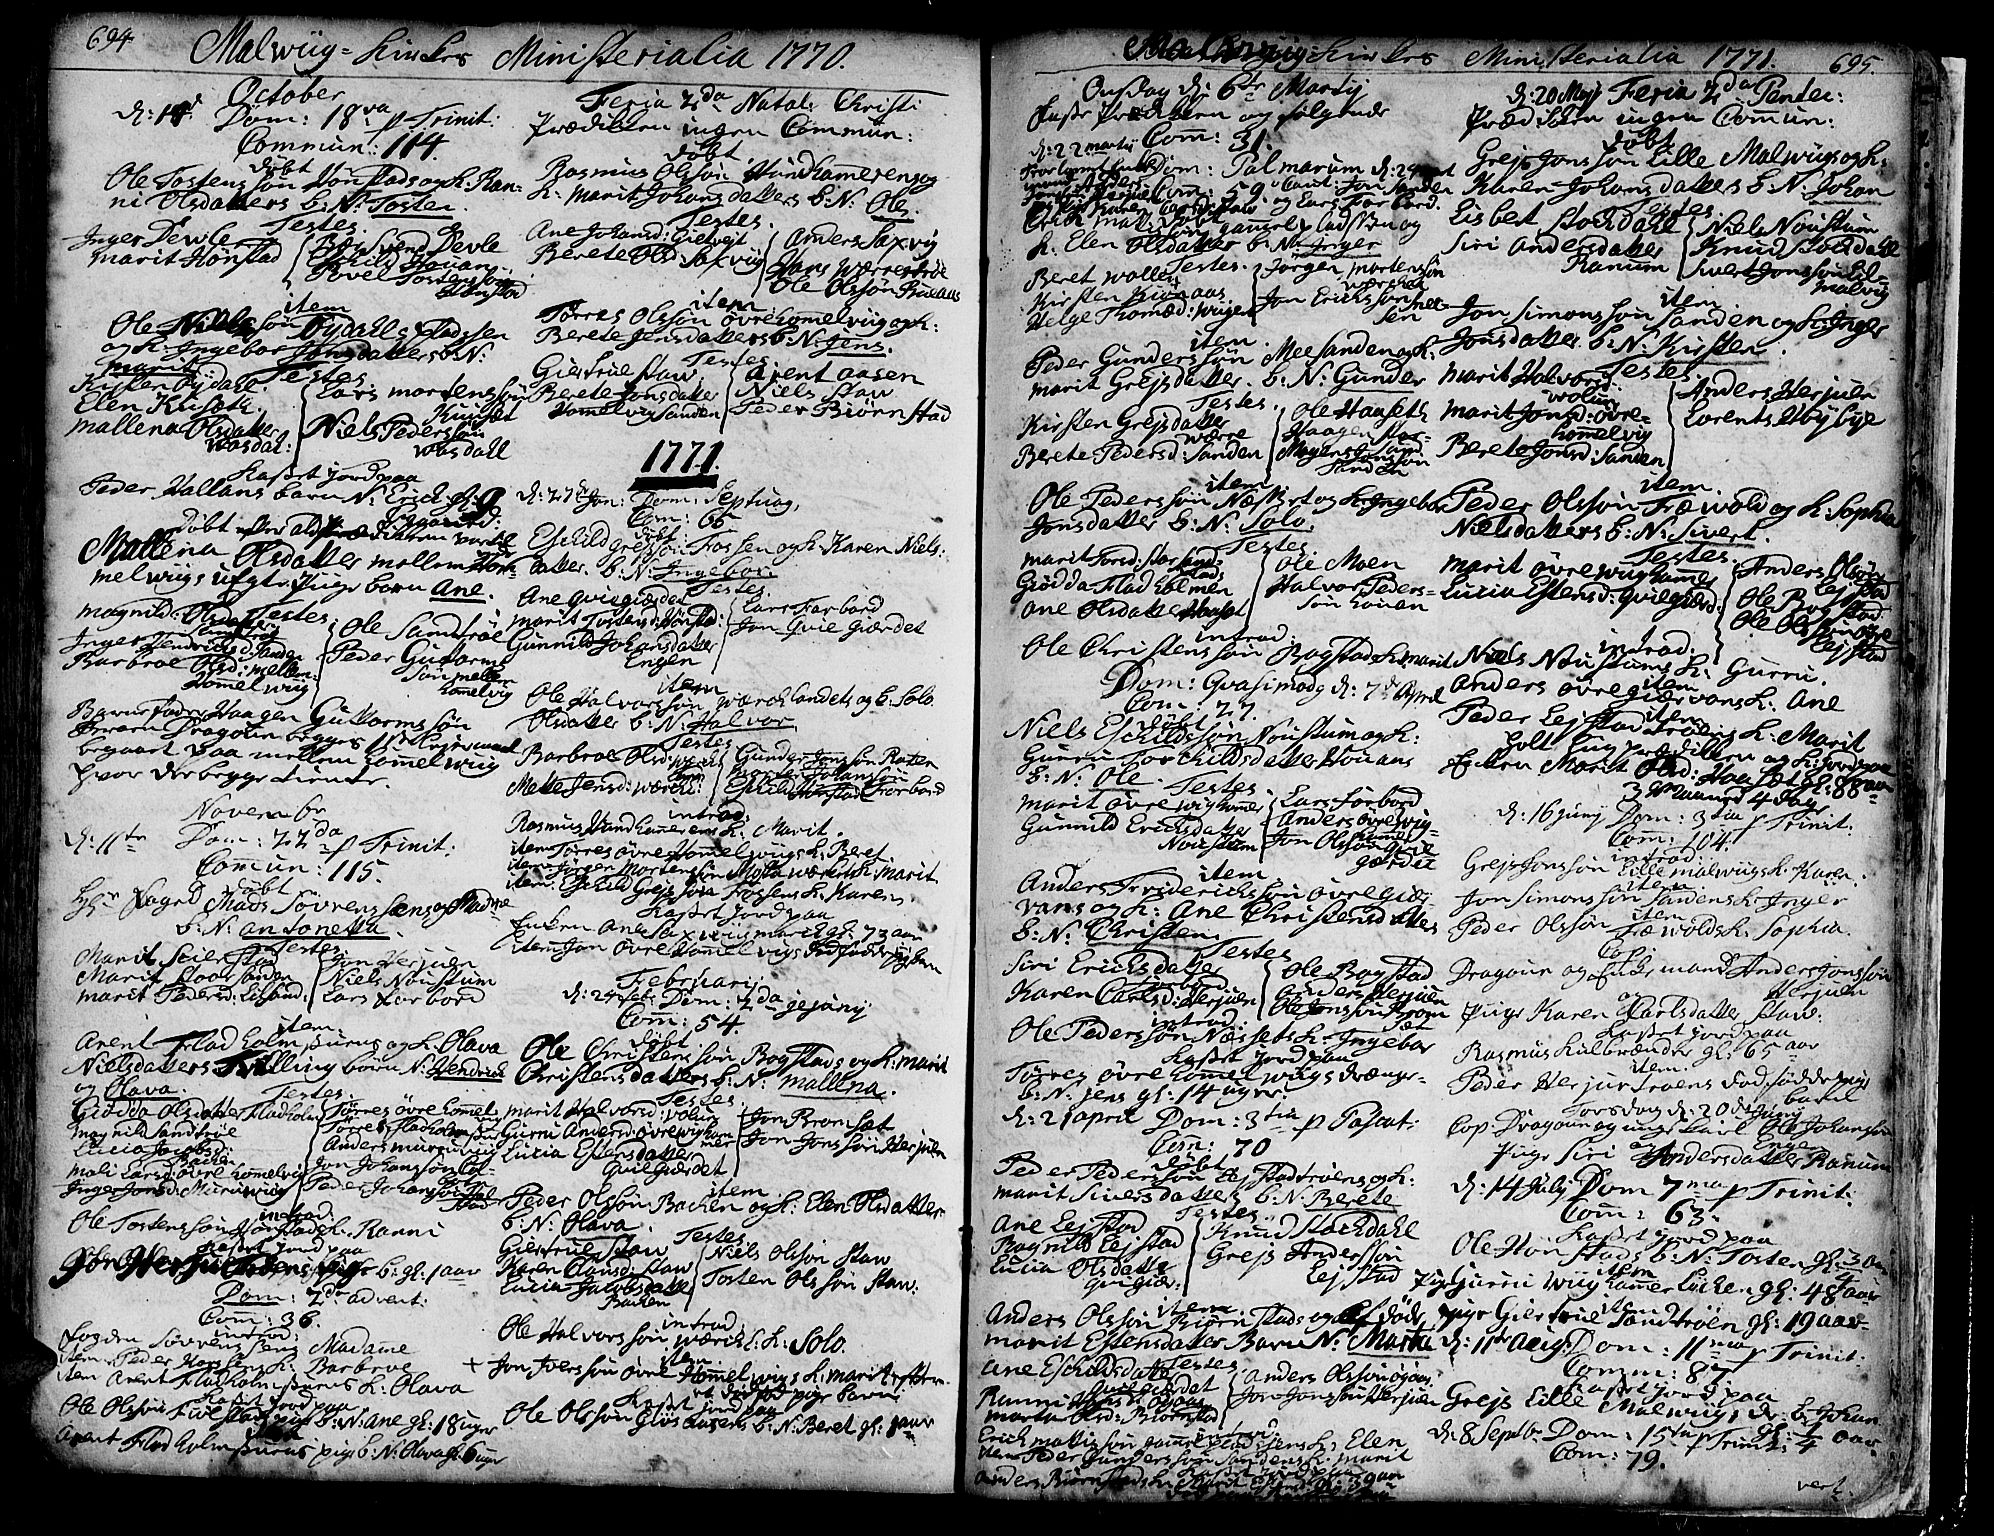 SAT, Ministerialprotokoller, klokkerbøker og fødselsregistre - Sør-Trøndelag, 606/L0277: Ministerialbok nr. 606A01 /3, 1727-1780, s. 694-695